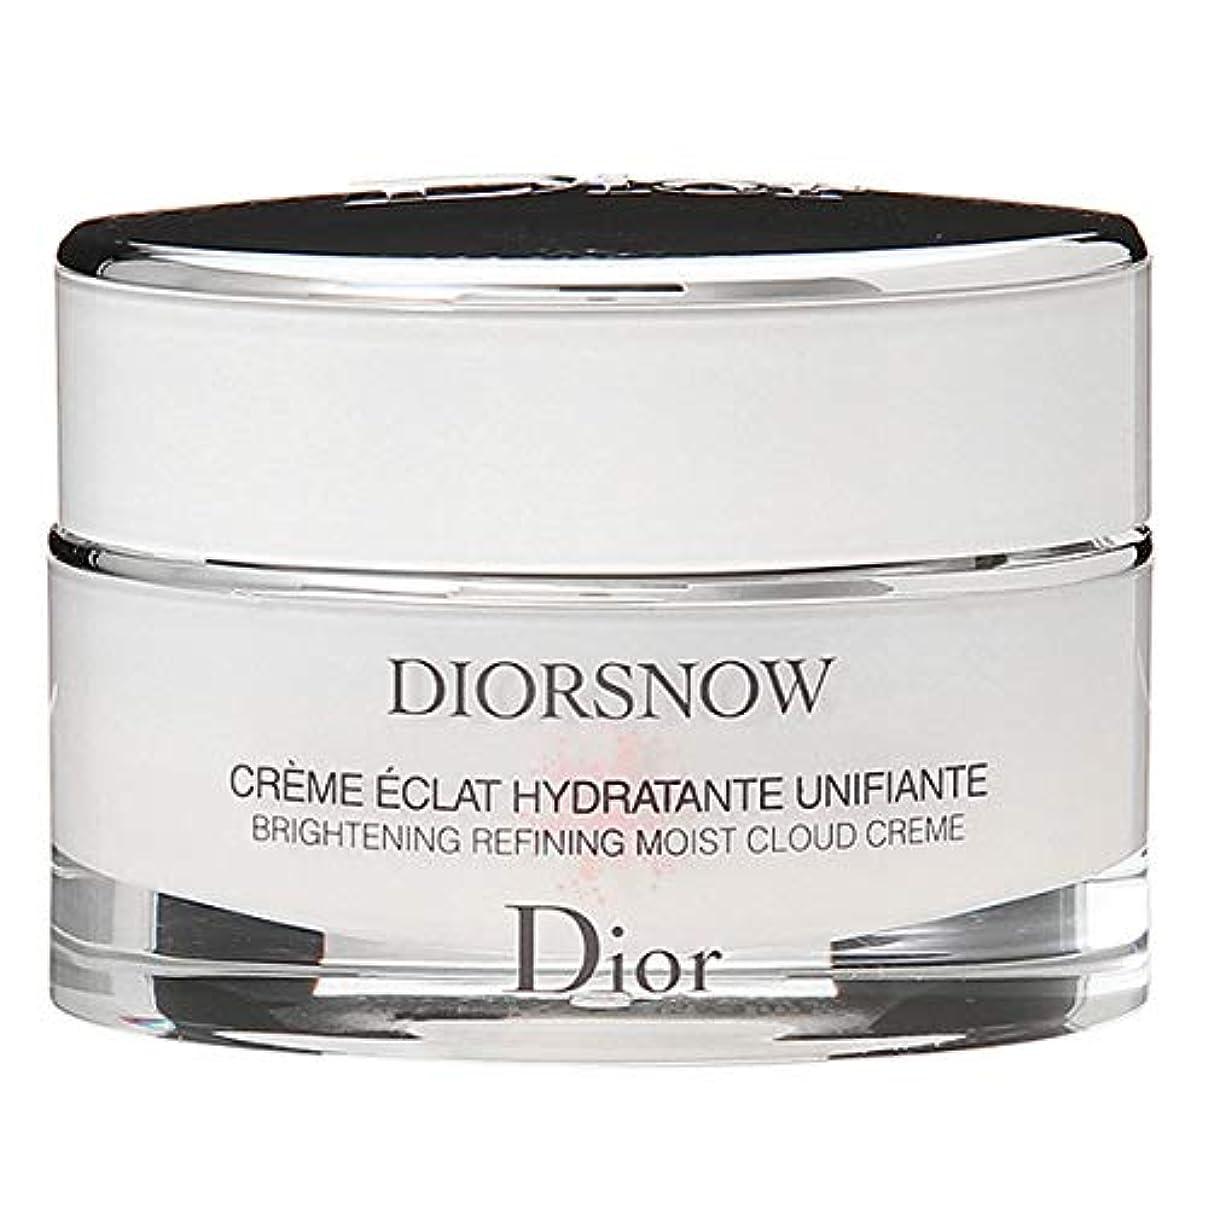 ベース質素なキャプテンブライクリスチャンディオール Christian Dior ディオール スノー ブライトニング モイスト クリーム 50mL 【並行輸入品】